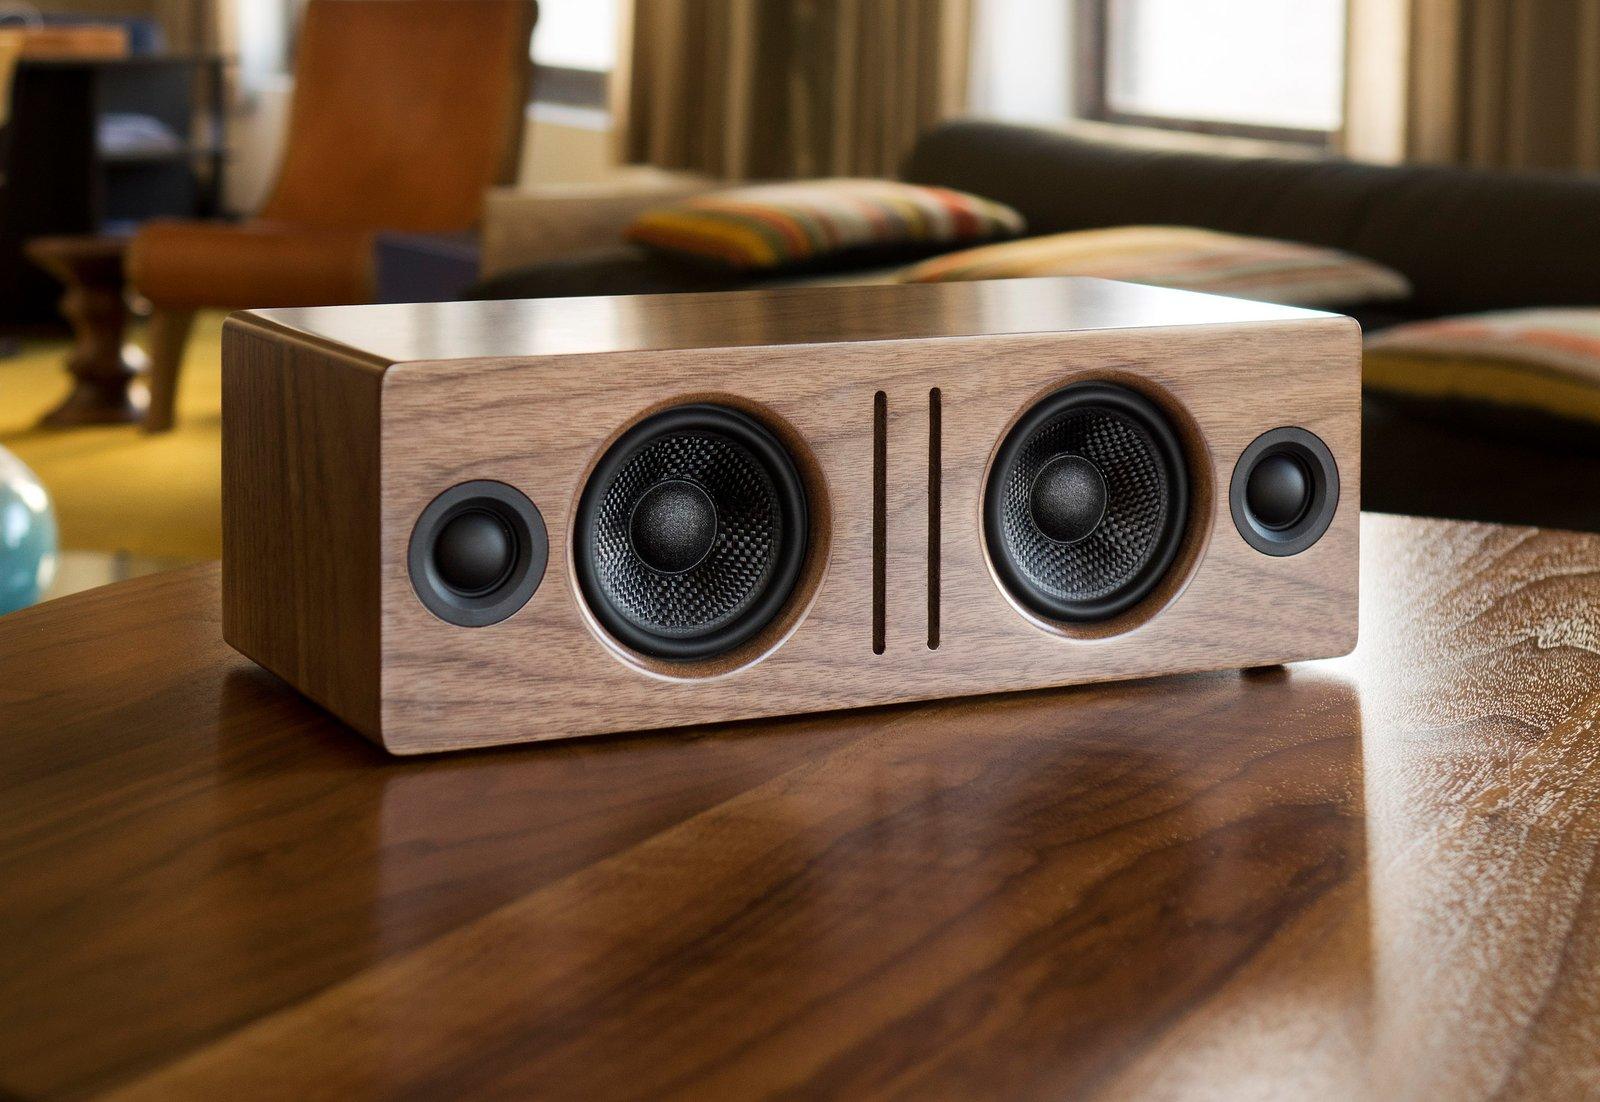 Audioengine B2 Premium Bluetooth Speaker photo: Audioengine Sound Style by Stephen Blake